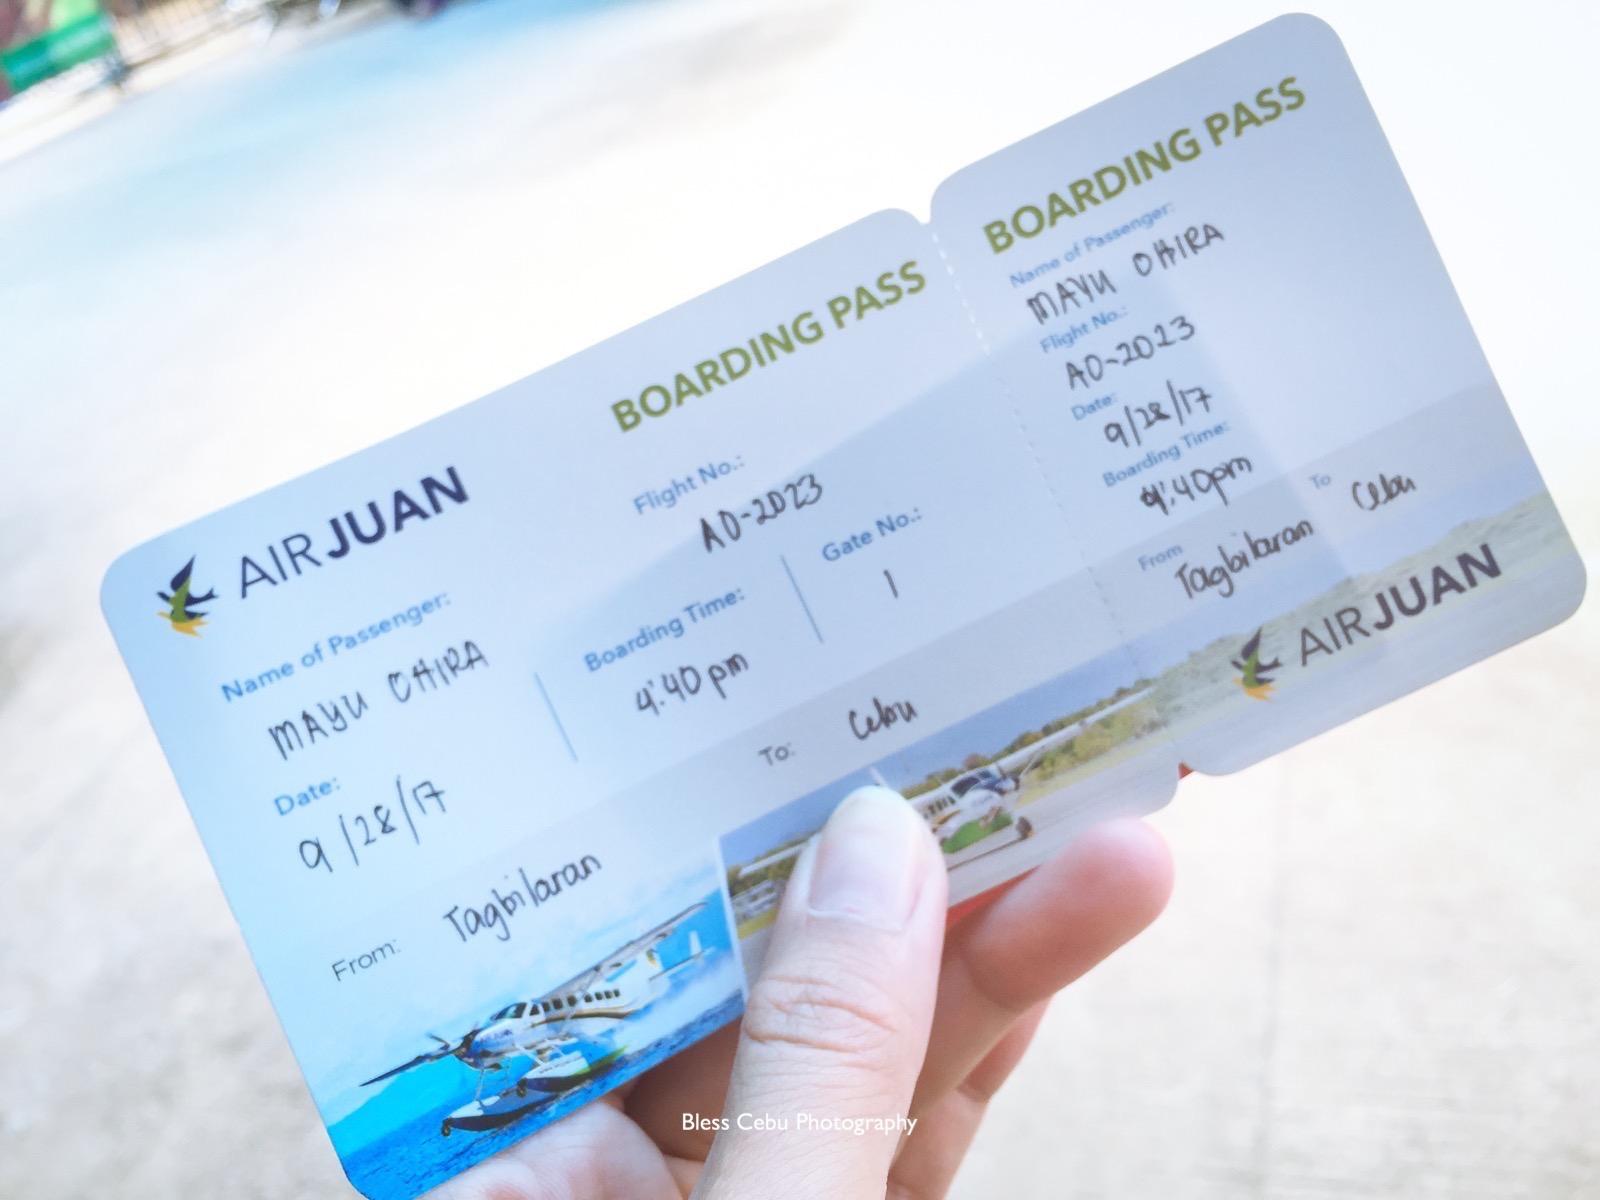 AIR JUANの手書きボーディングパス